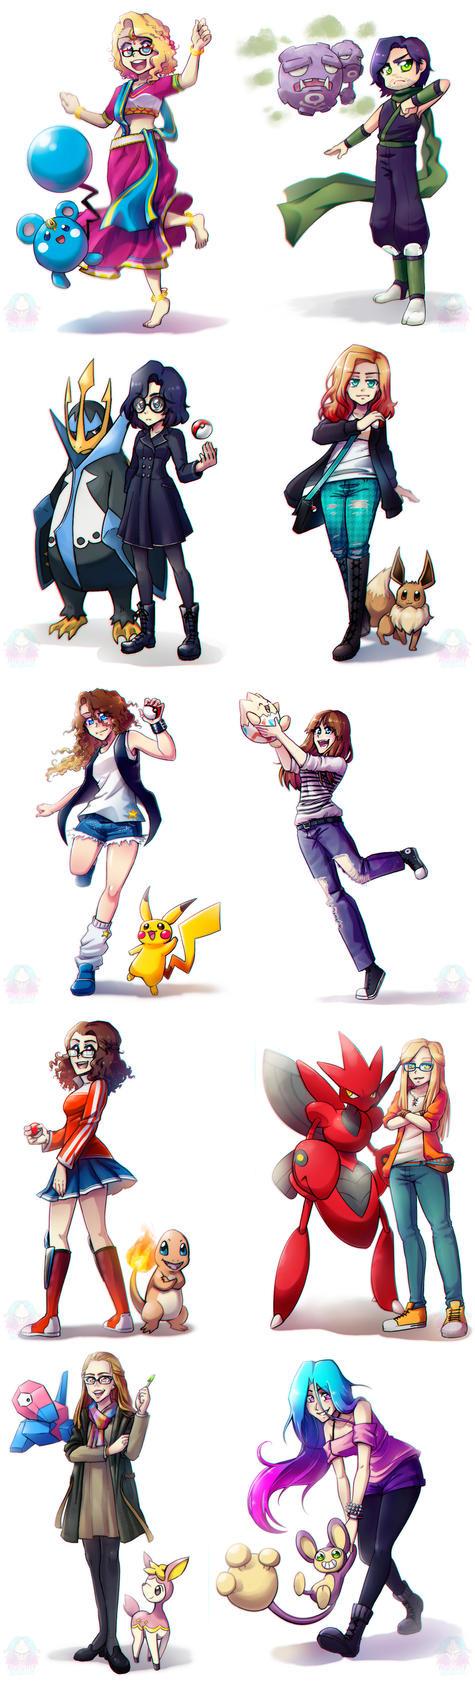 Pokemon Trainers by NarumyNatsue